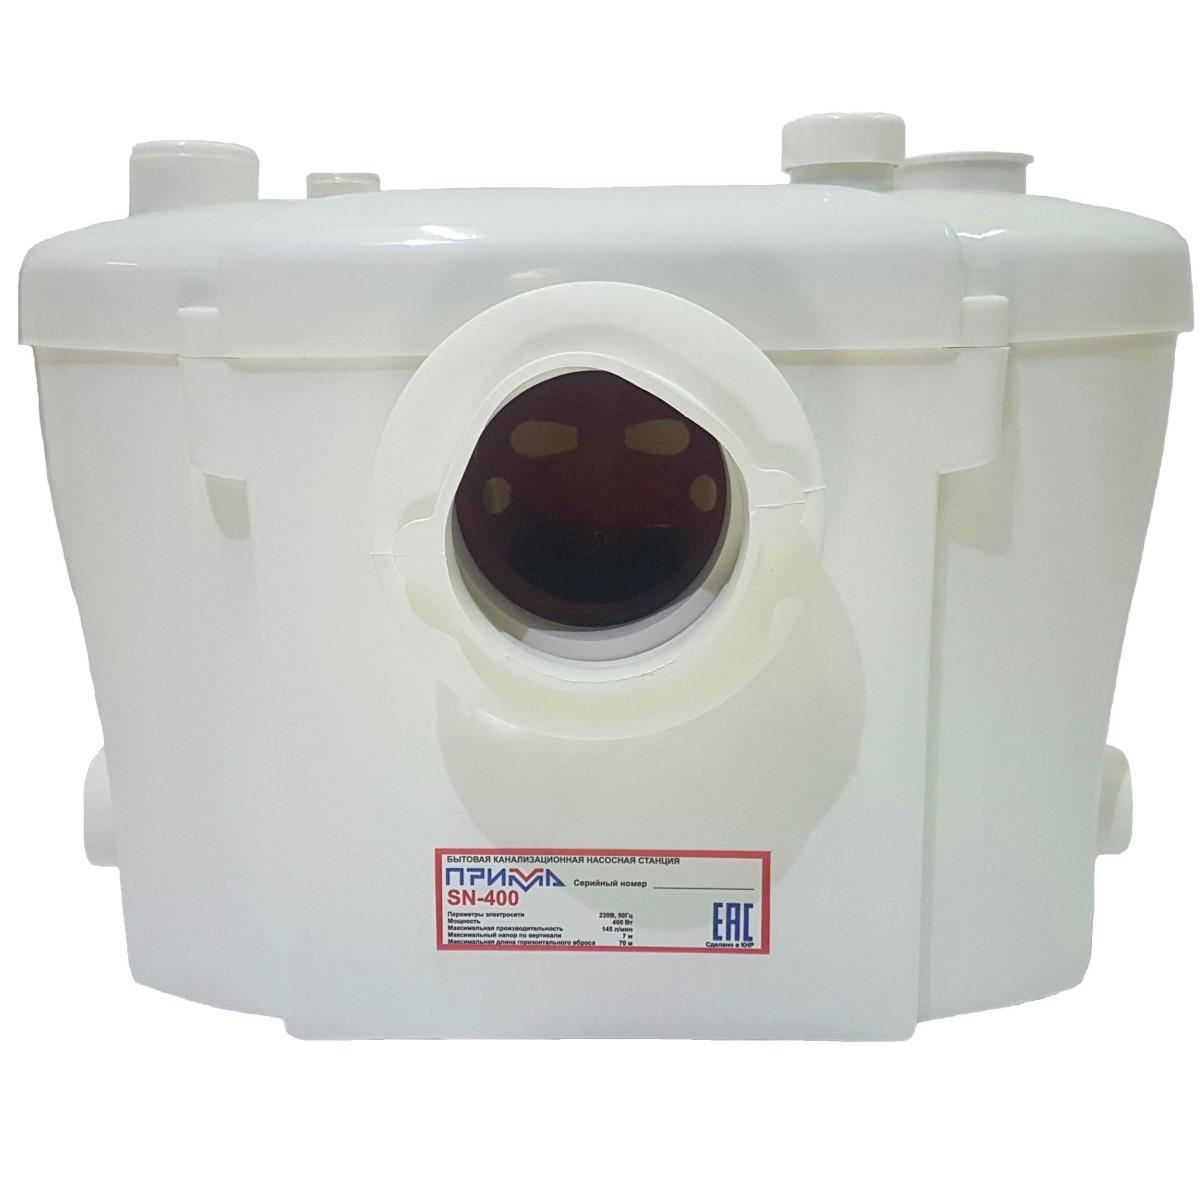 Канализационный насос ПРИМА SN-400 400 Вт